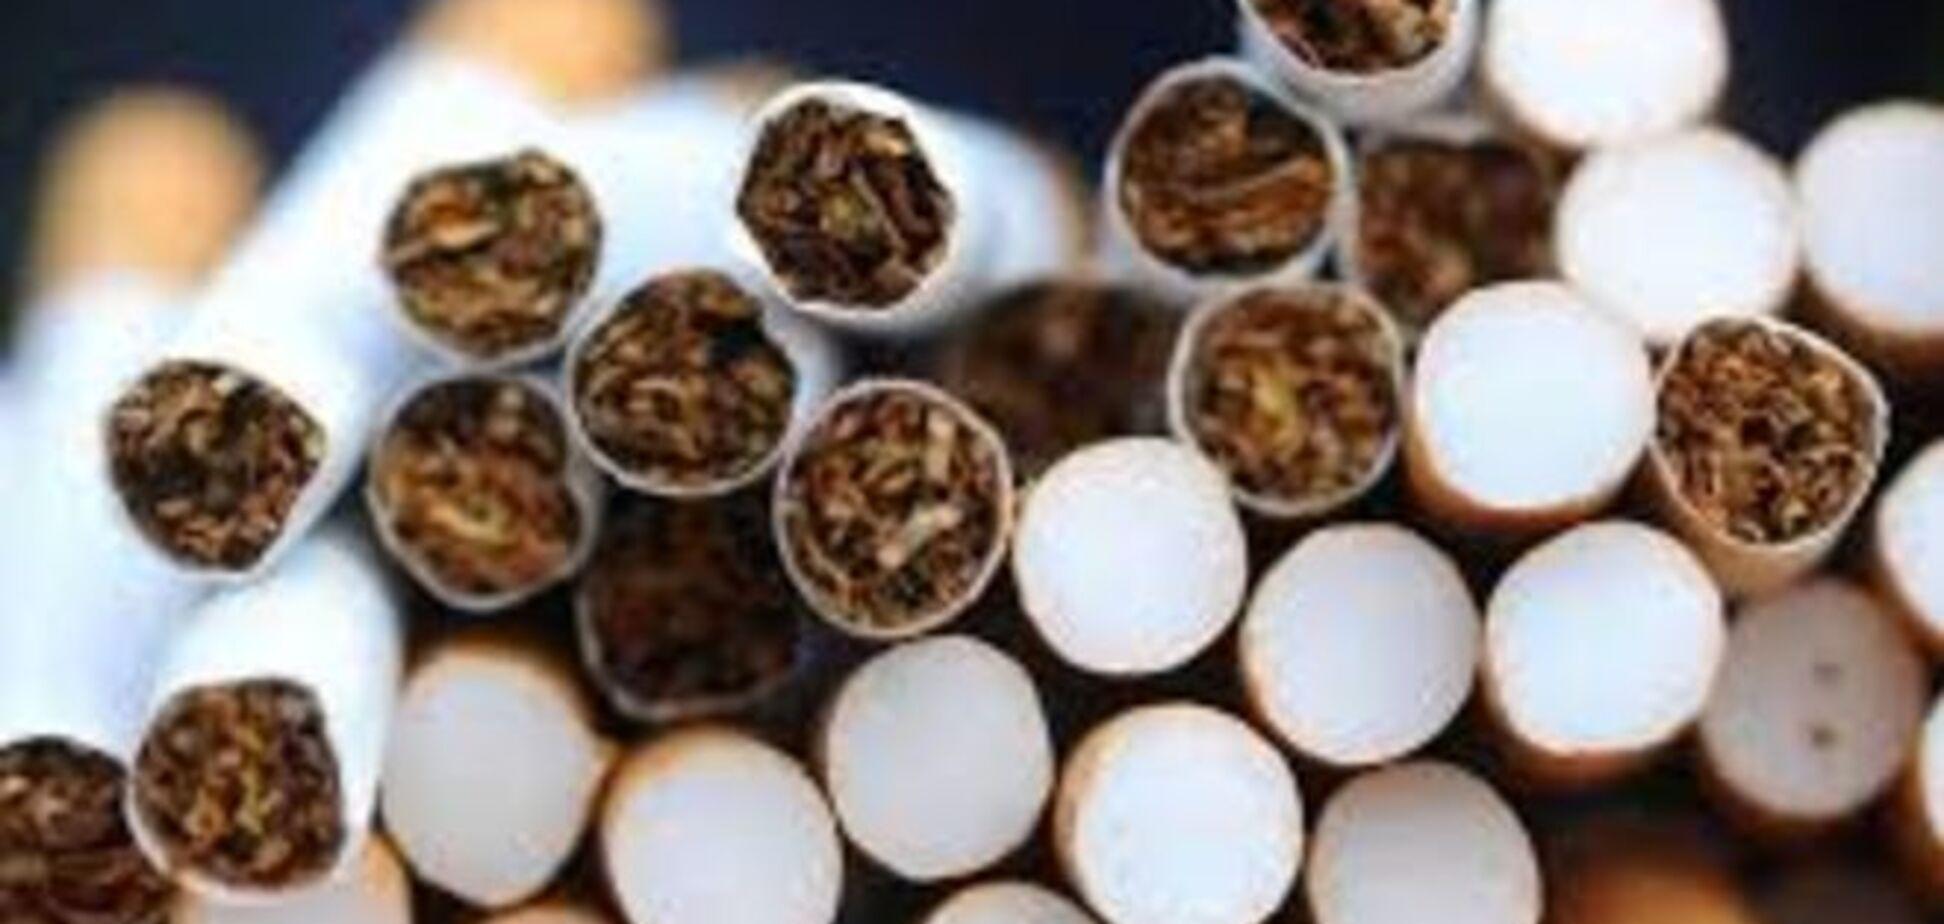 СБУ раскрыла международную схему контрабанды сигарет – Артюхов